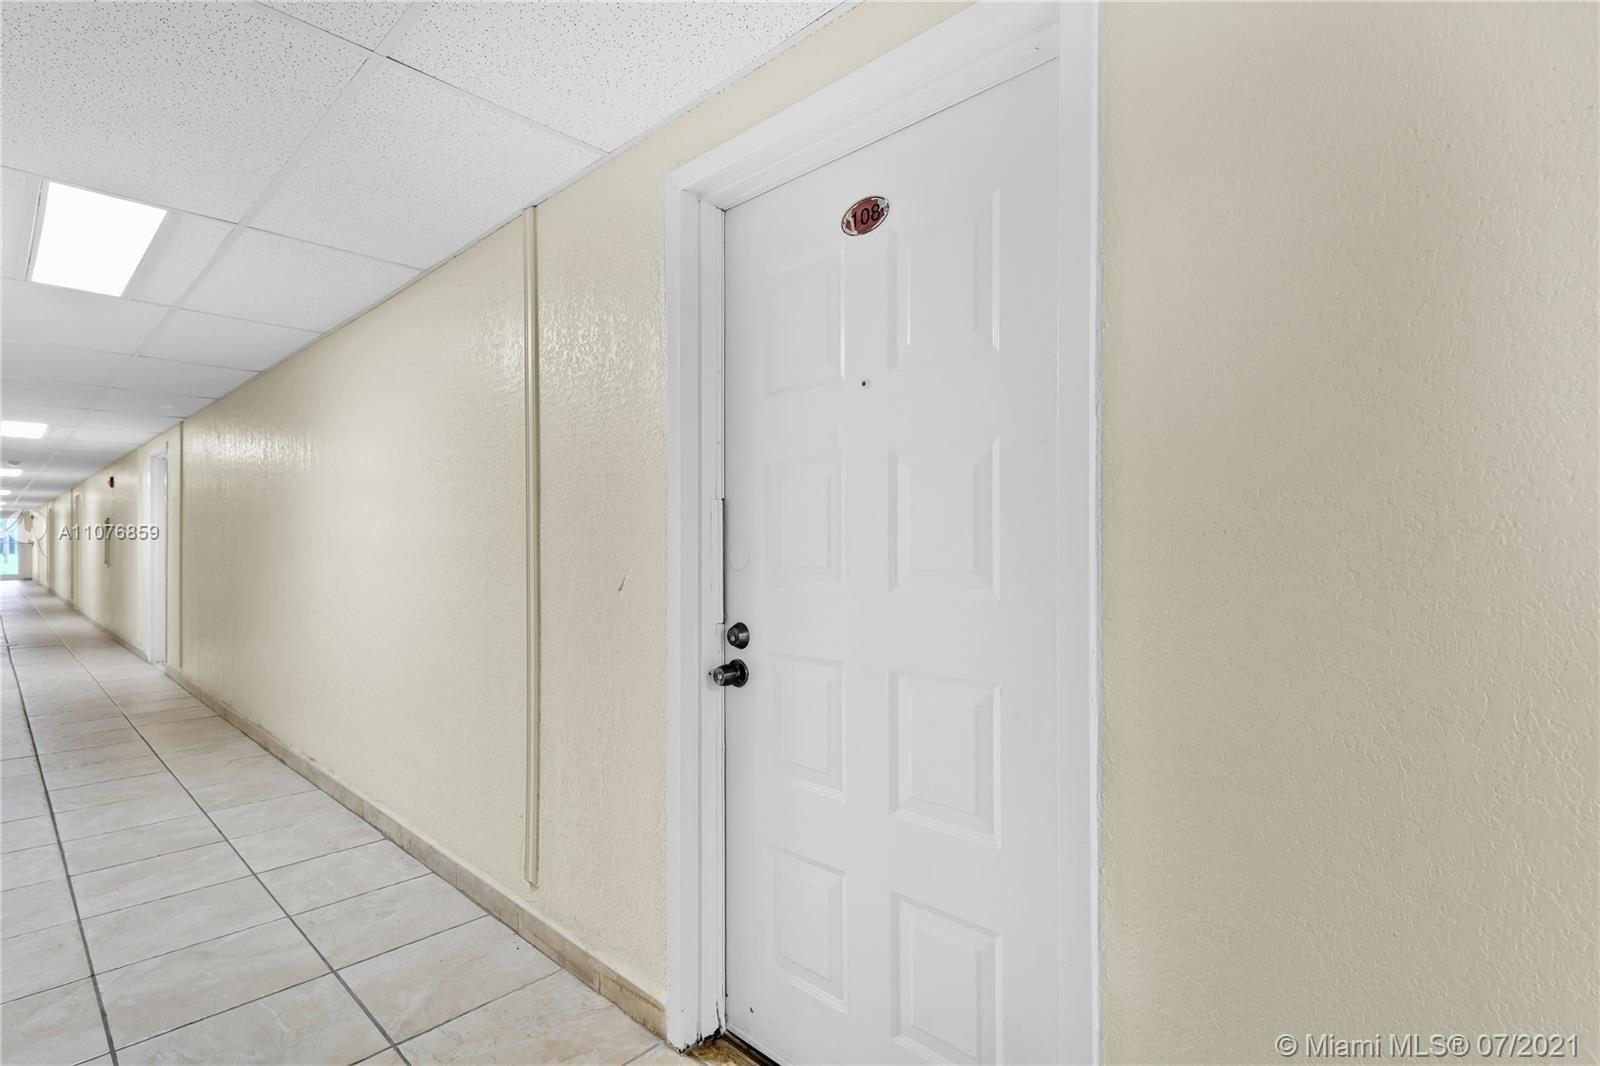 6970 NW 186th St #3-108, Hialeah, FL 33015 - #: A11076859